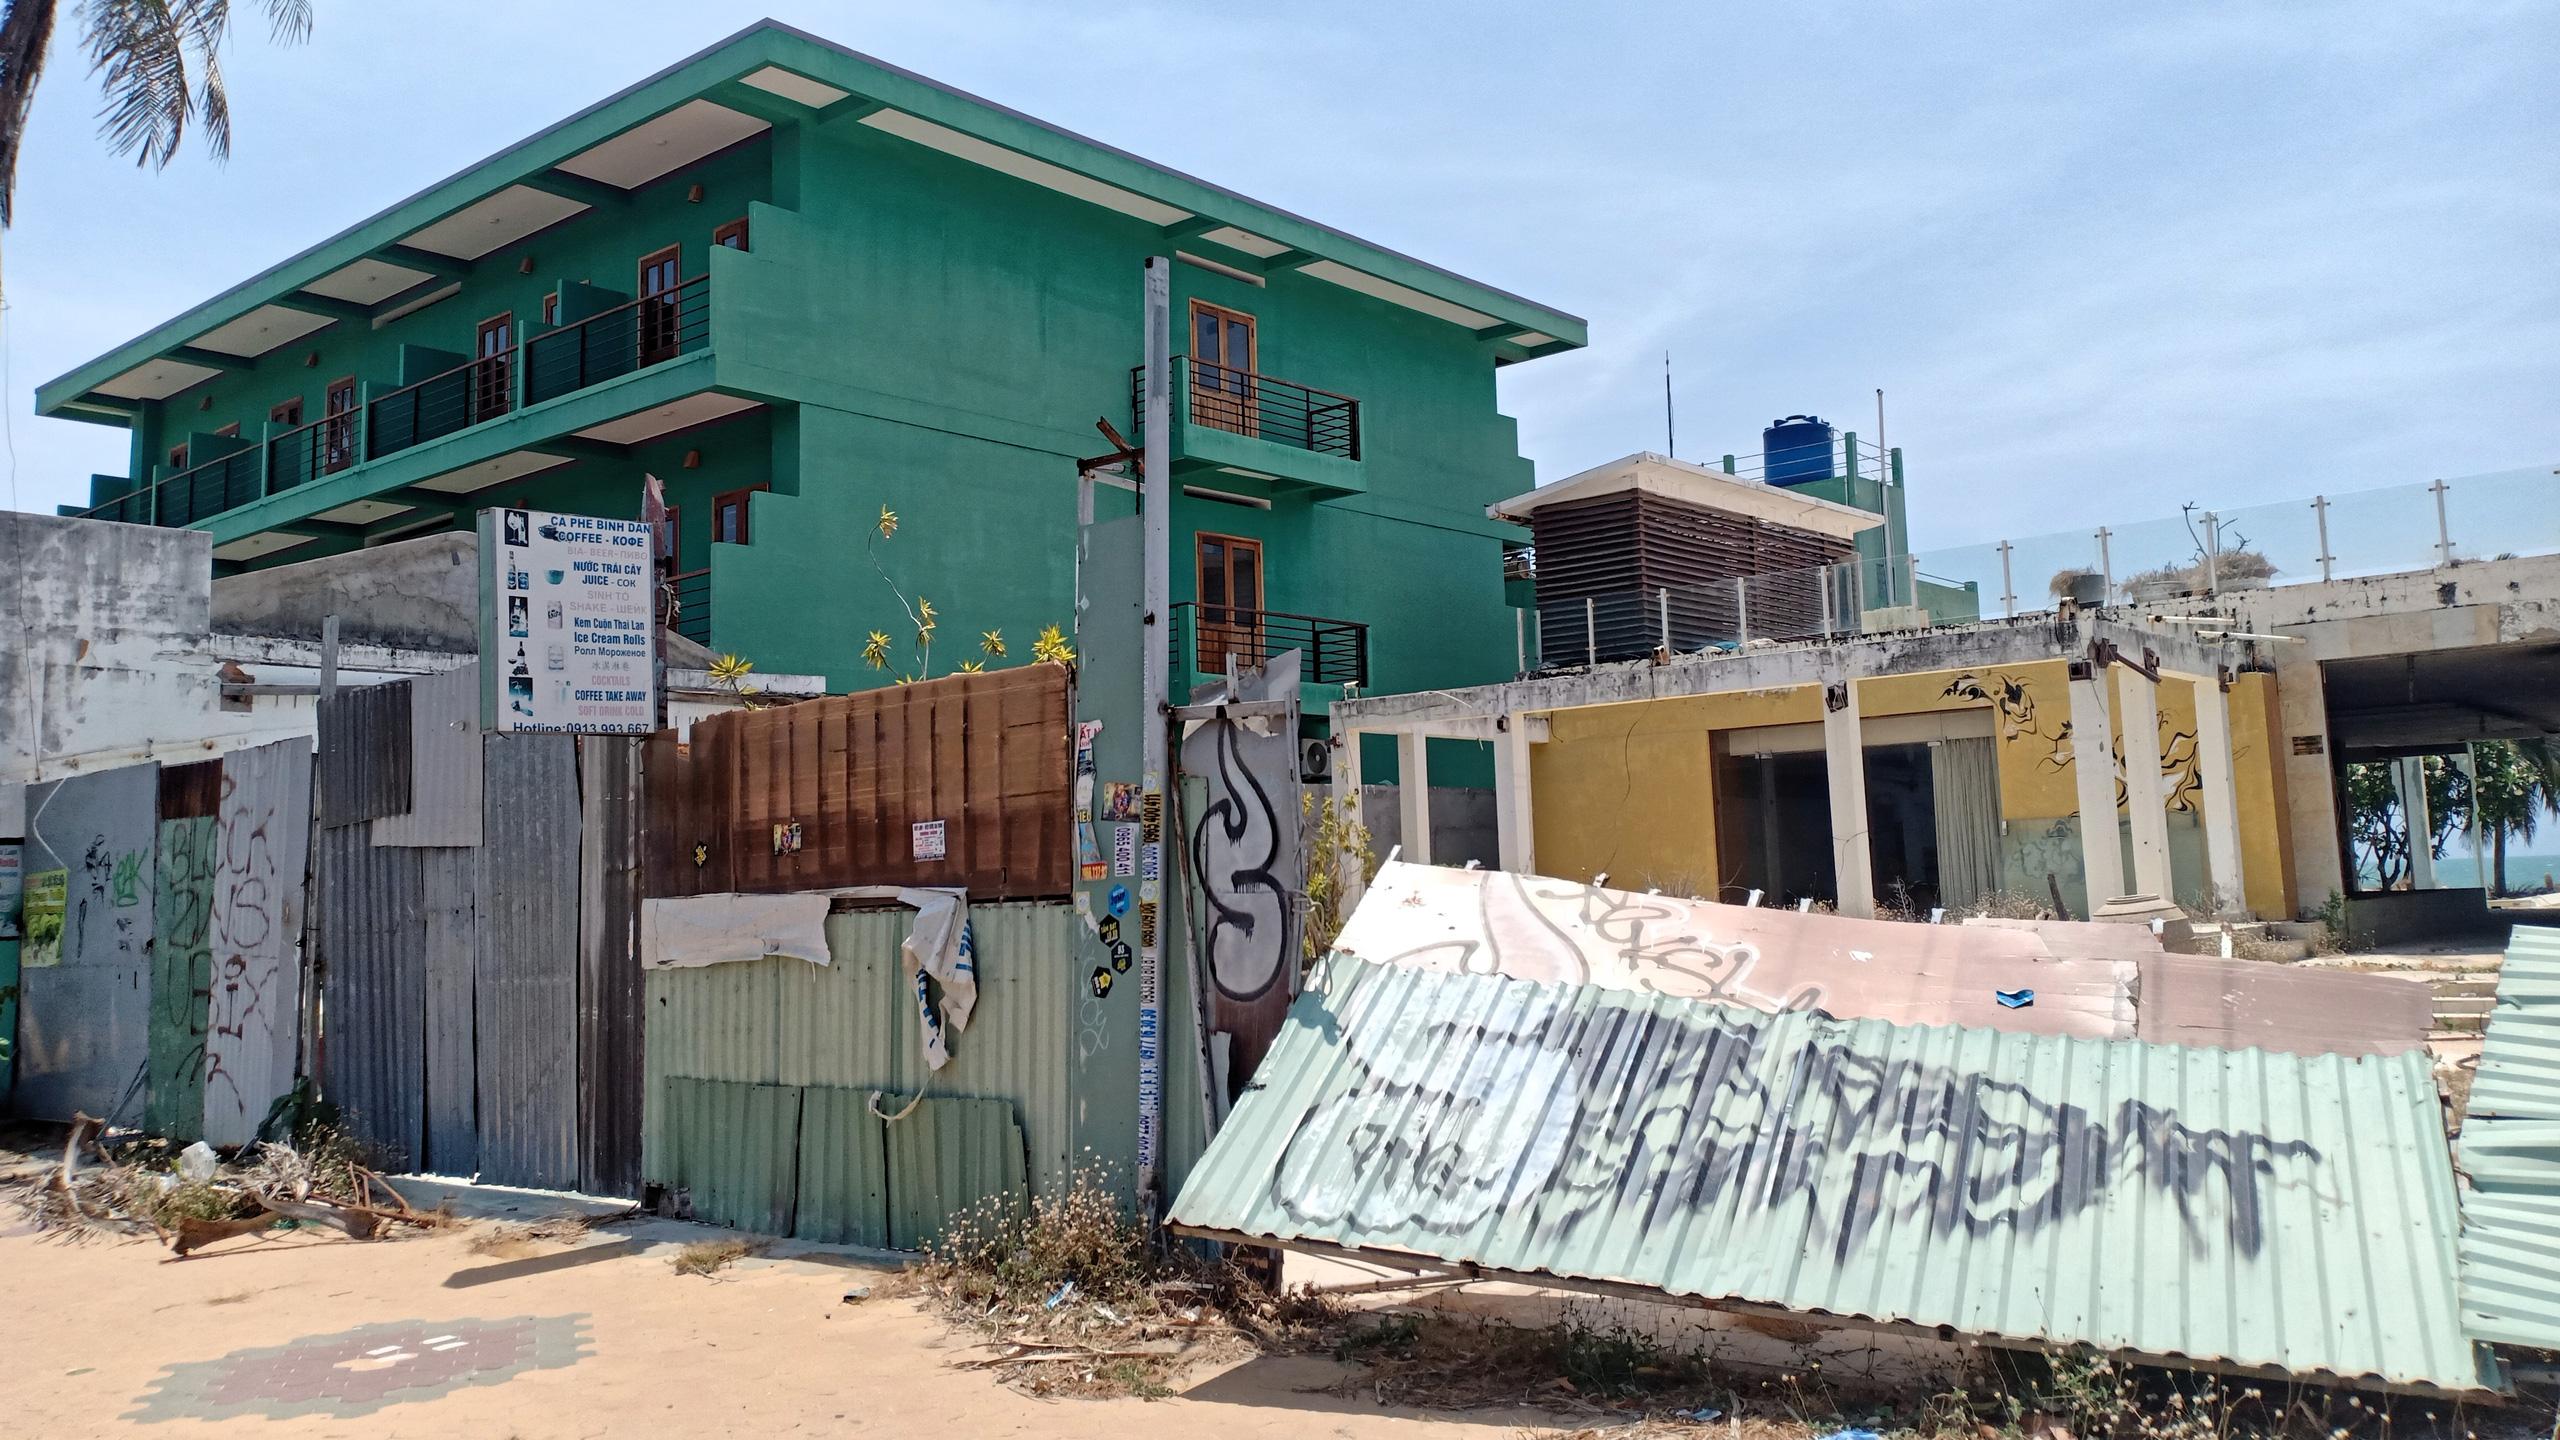 Hàng quán dọc biển Mũi Né đồng loạt 'cửa đóng then cài' - Ảnh 7.